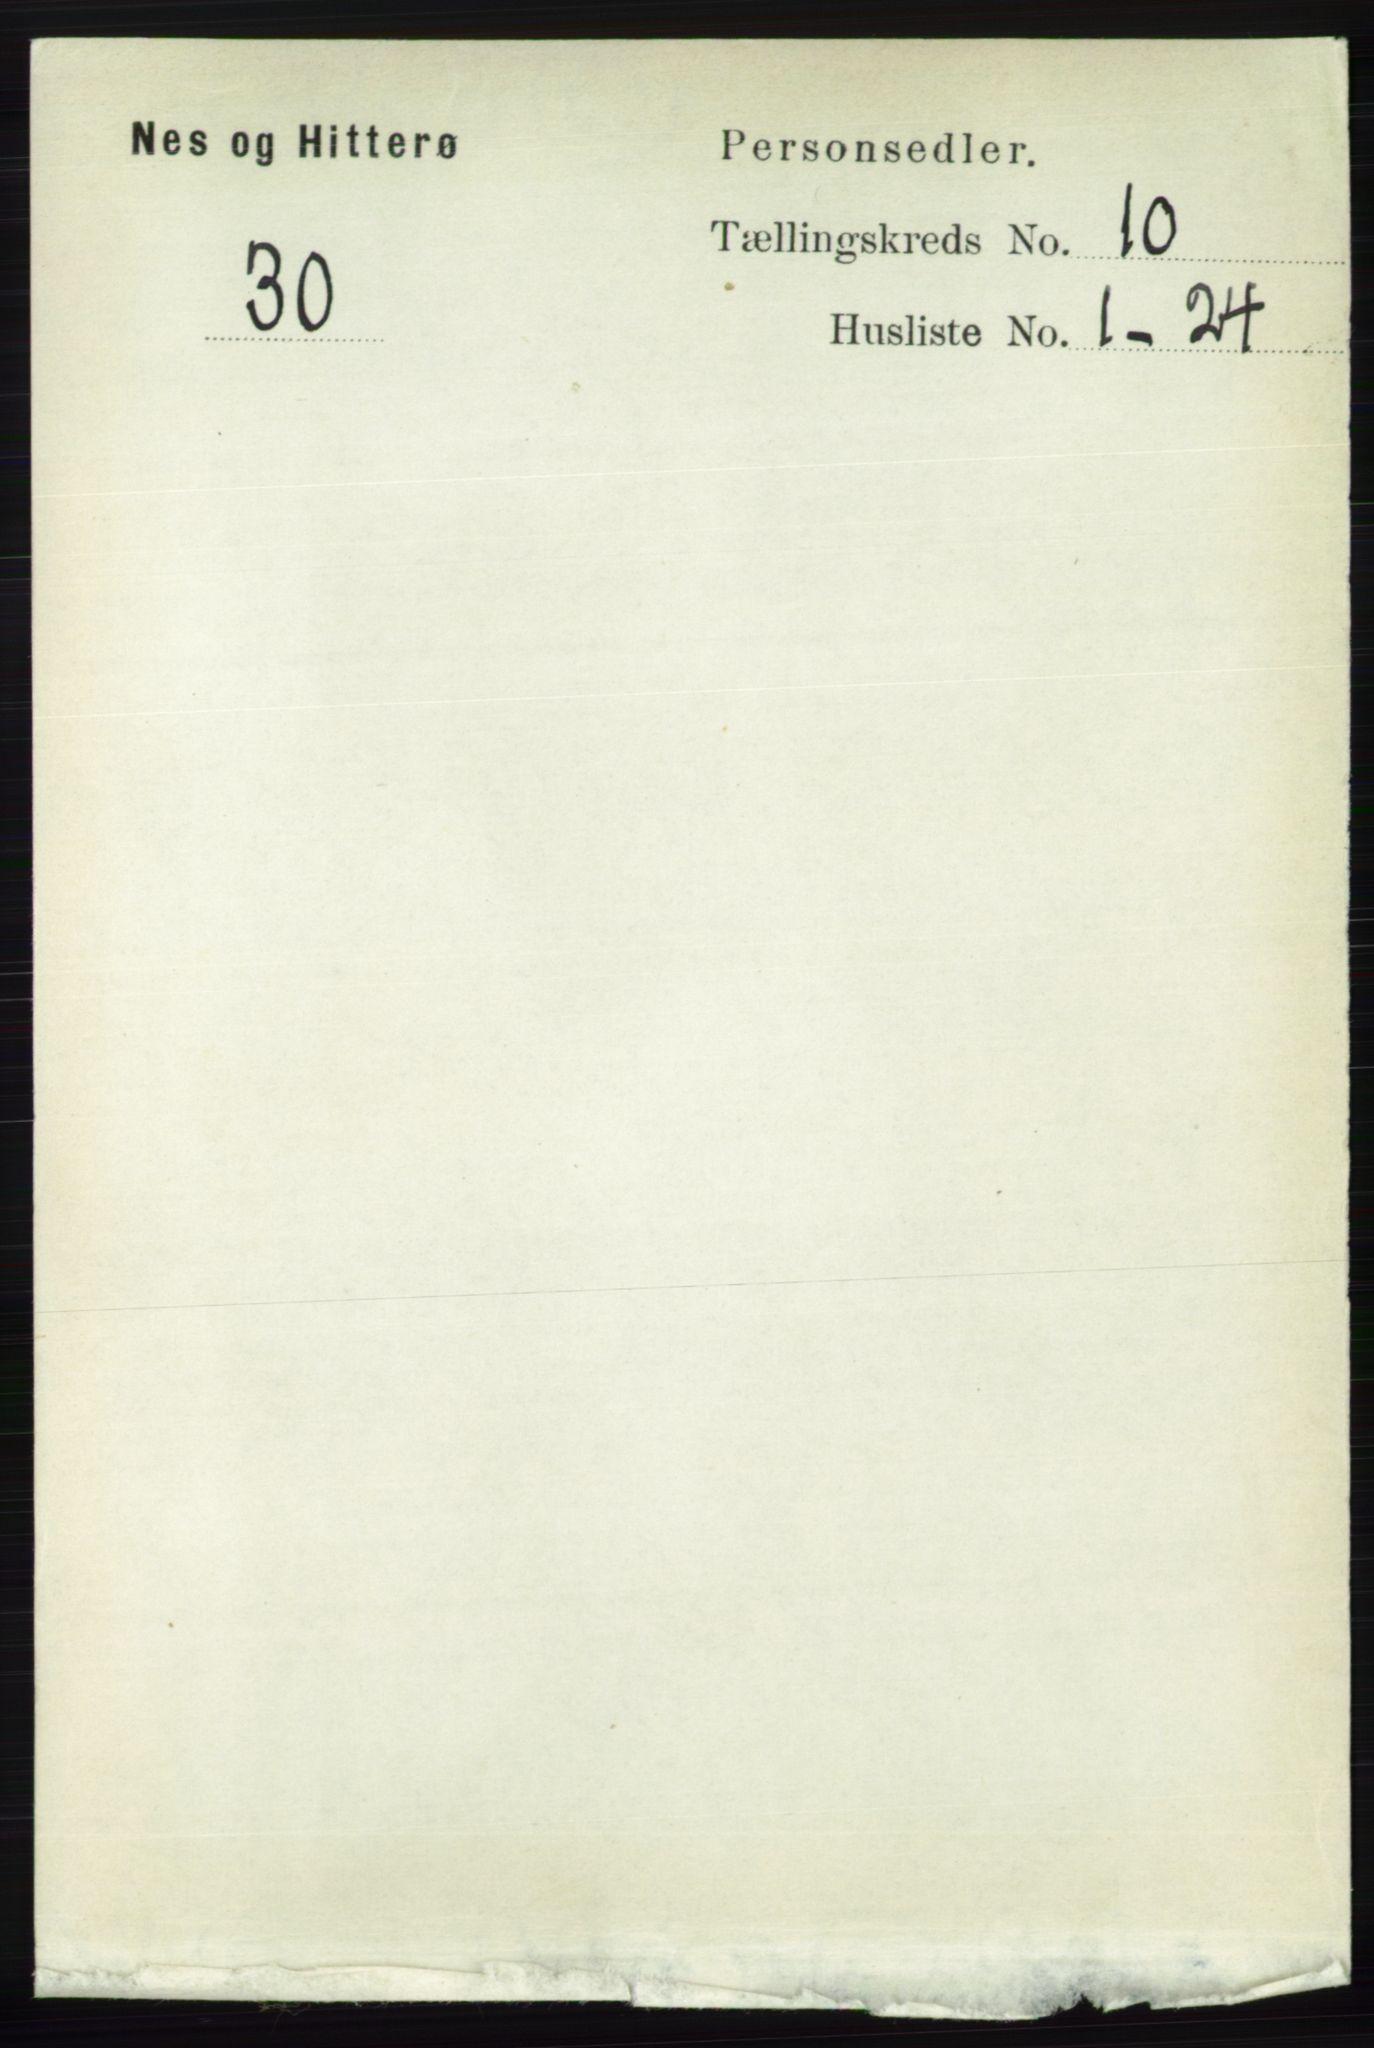 RA, Folketelling 1891 for 1043 Hidra og Nes herred, 1891, s. 4139